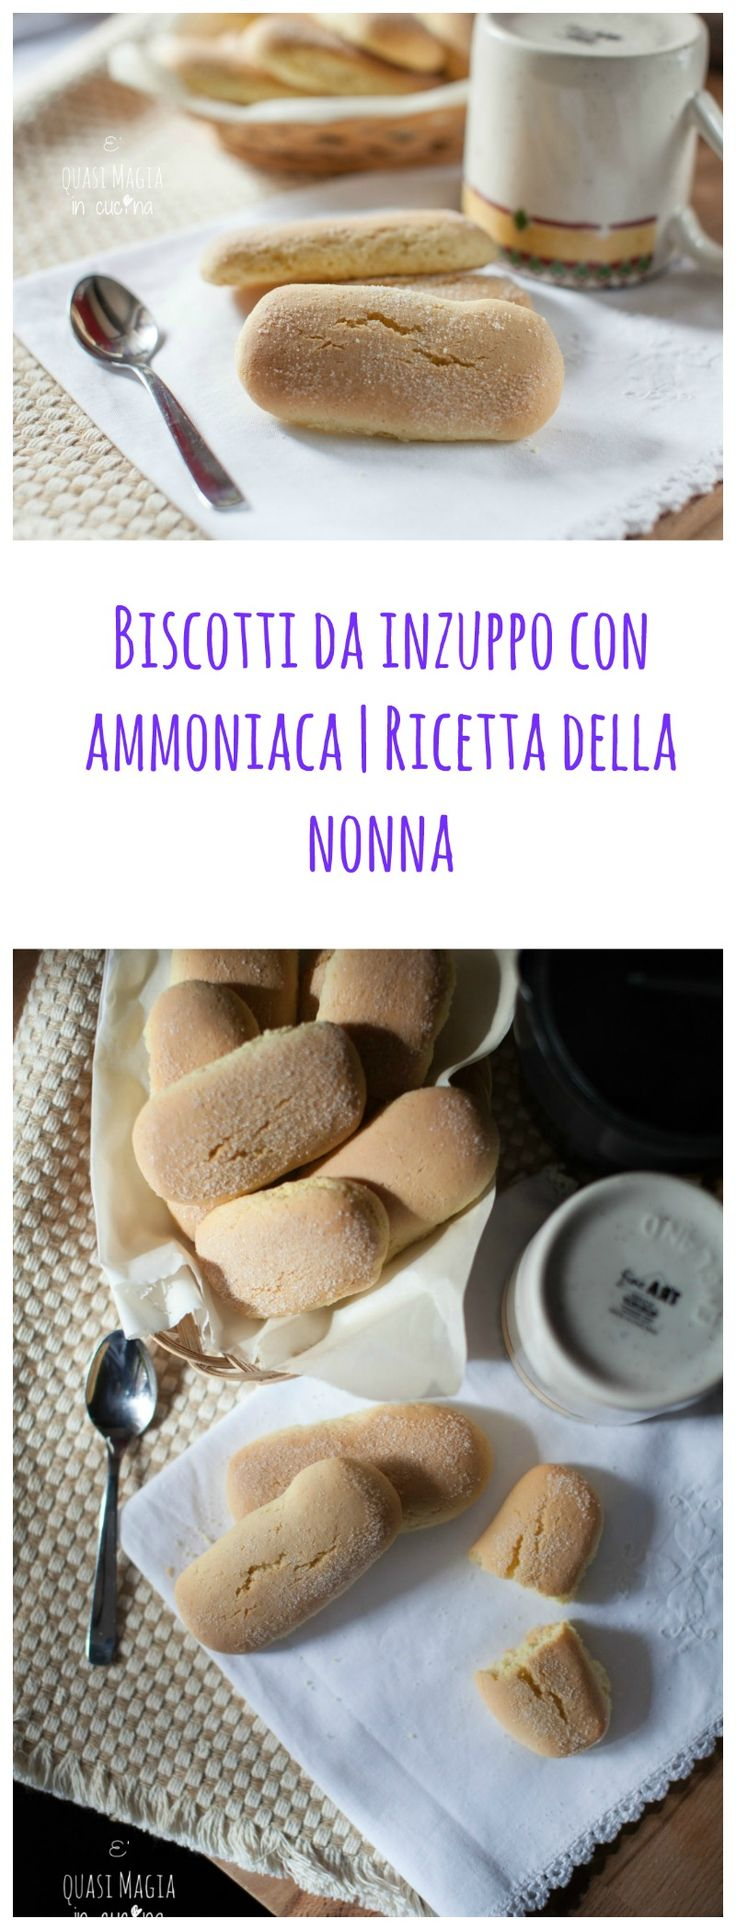 biscotti da inzuppo, con ammoniaca, ricetta della nonna! perfetti da tuffare nel caffèlatte